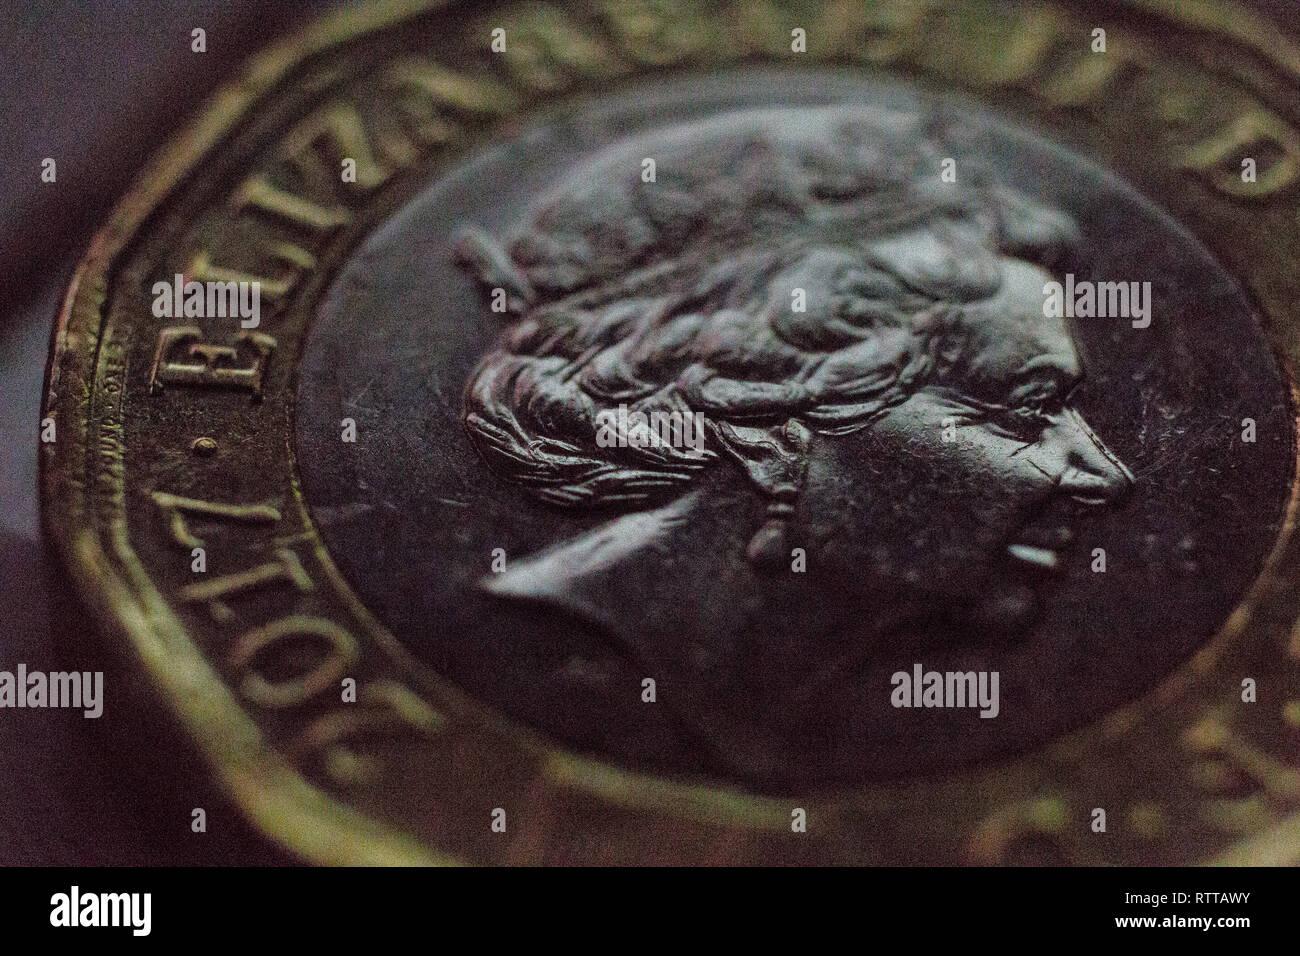 Ganz in der Nähe auf, Foto, der pound Münze, mit, Queens, Kopf, Makro, Fotografie, Englisch, Stockbild